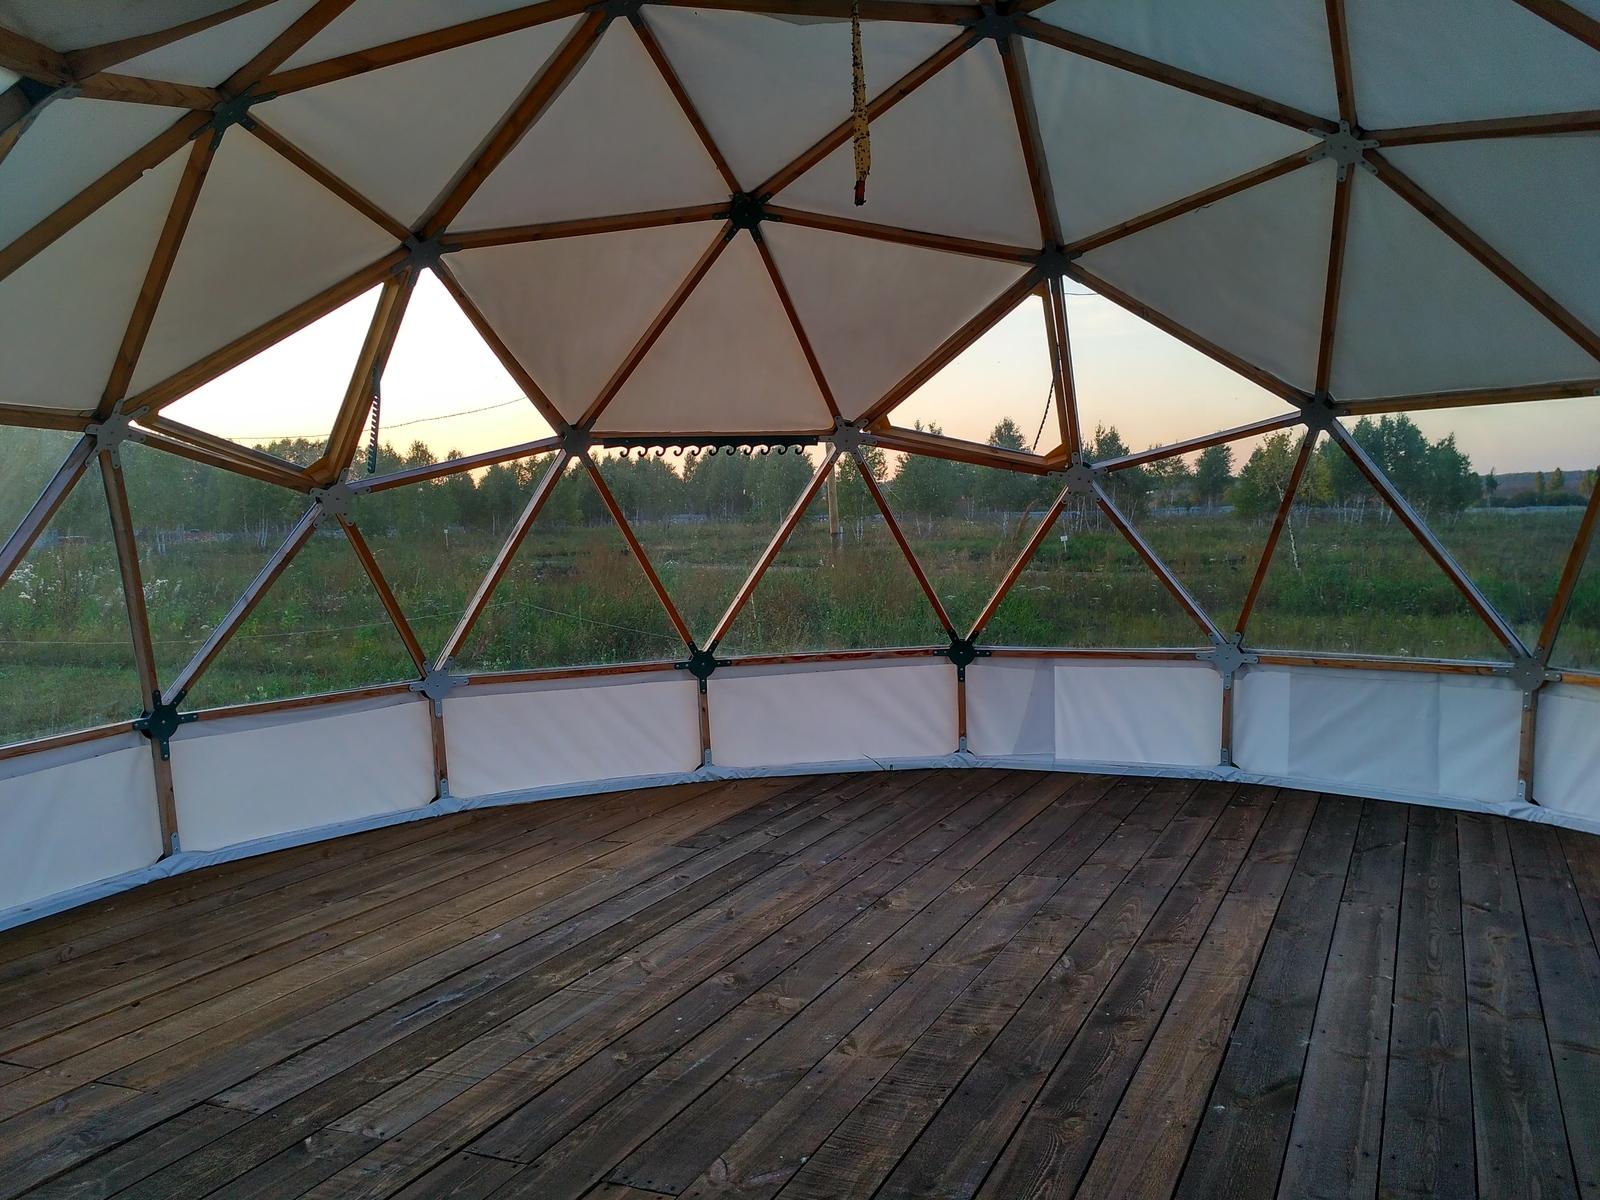 Как построить купольную беседку чтобы, сделал, очень, беседки, делал, нужно, много, начал, поэтому, решил, сделать, коннекторы, который, делать, этого, конце, баннера, оказалось, может, такой